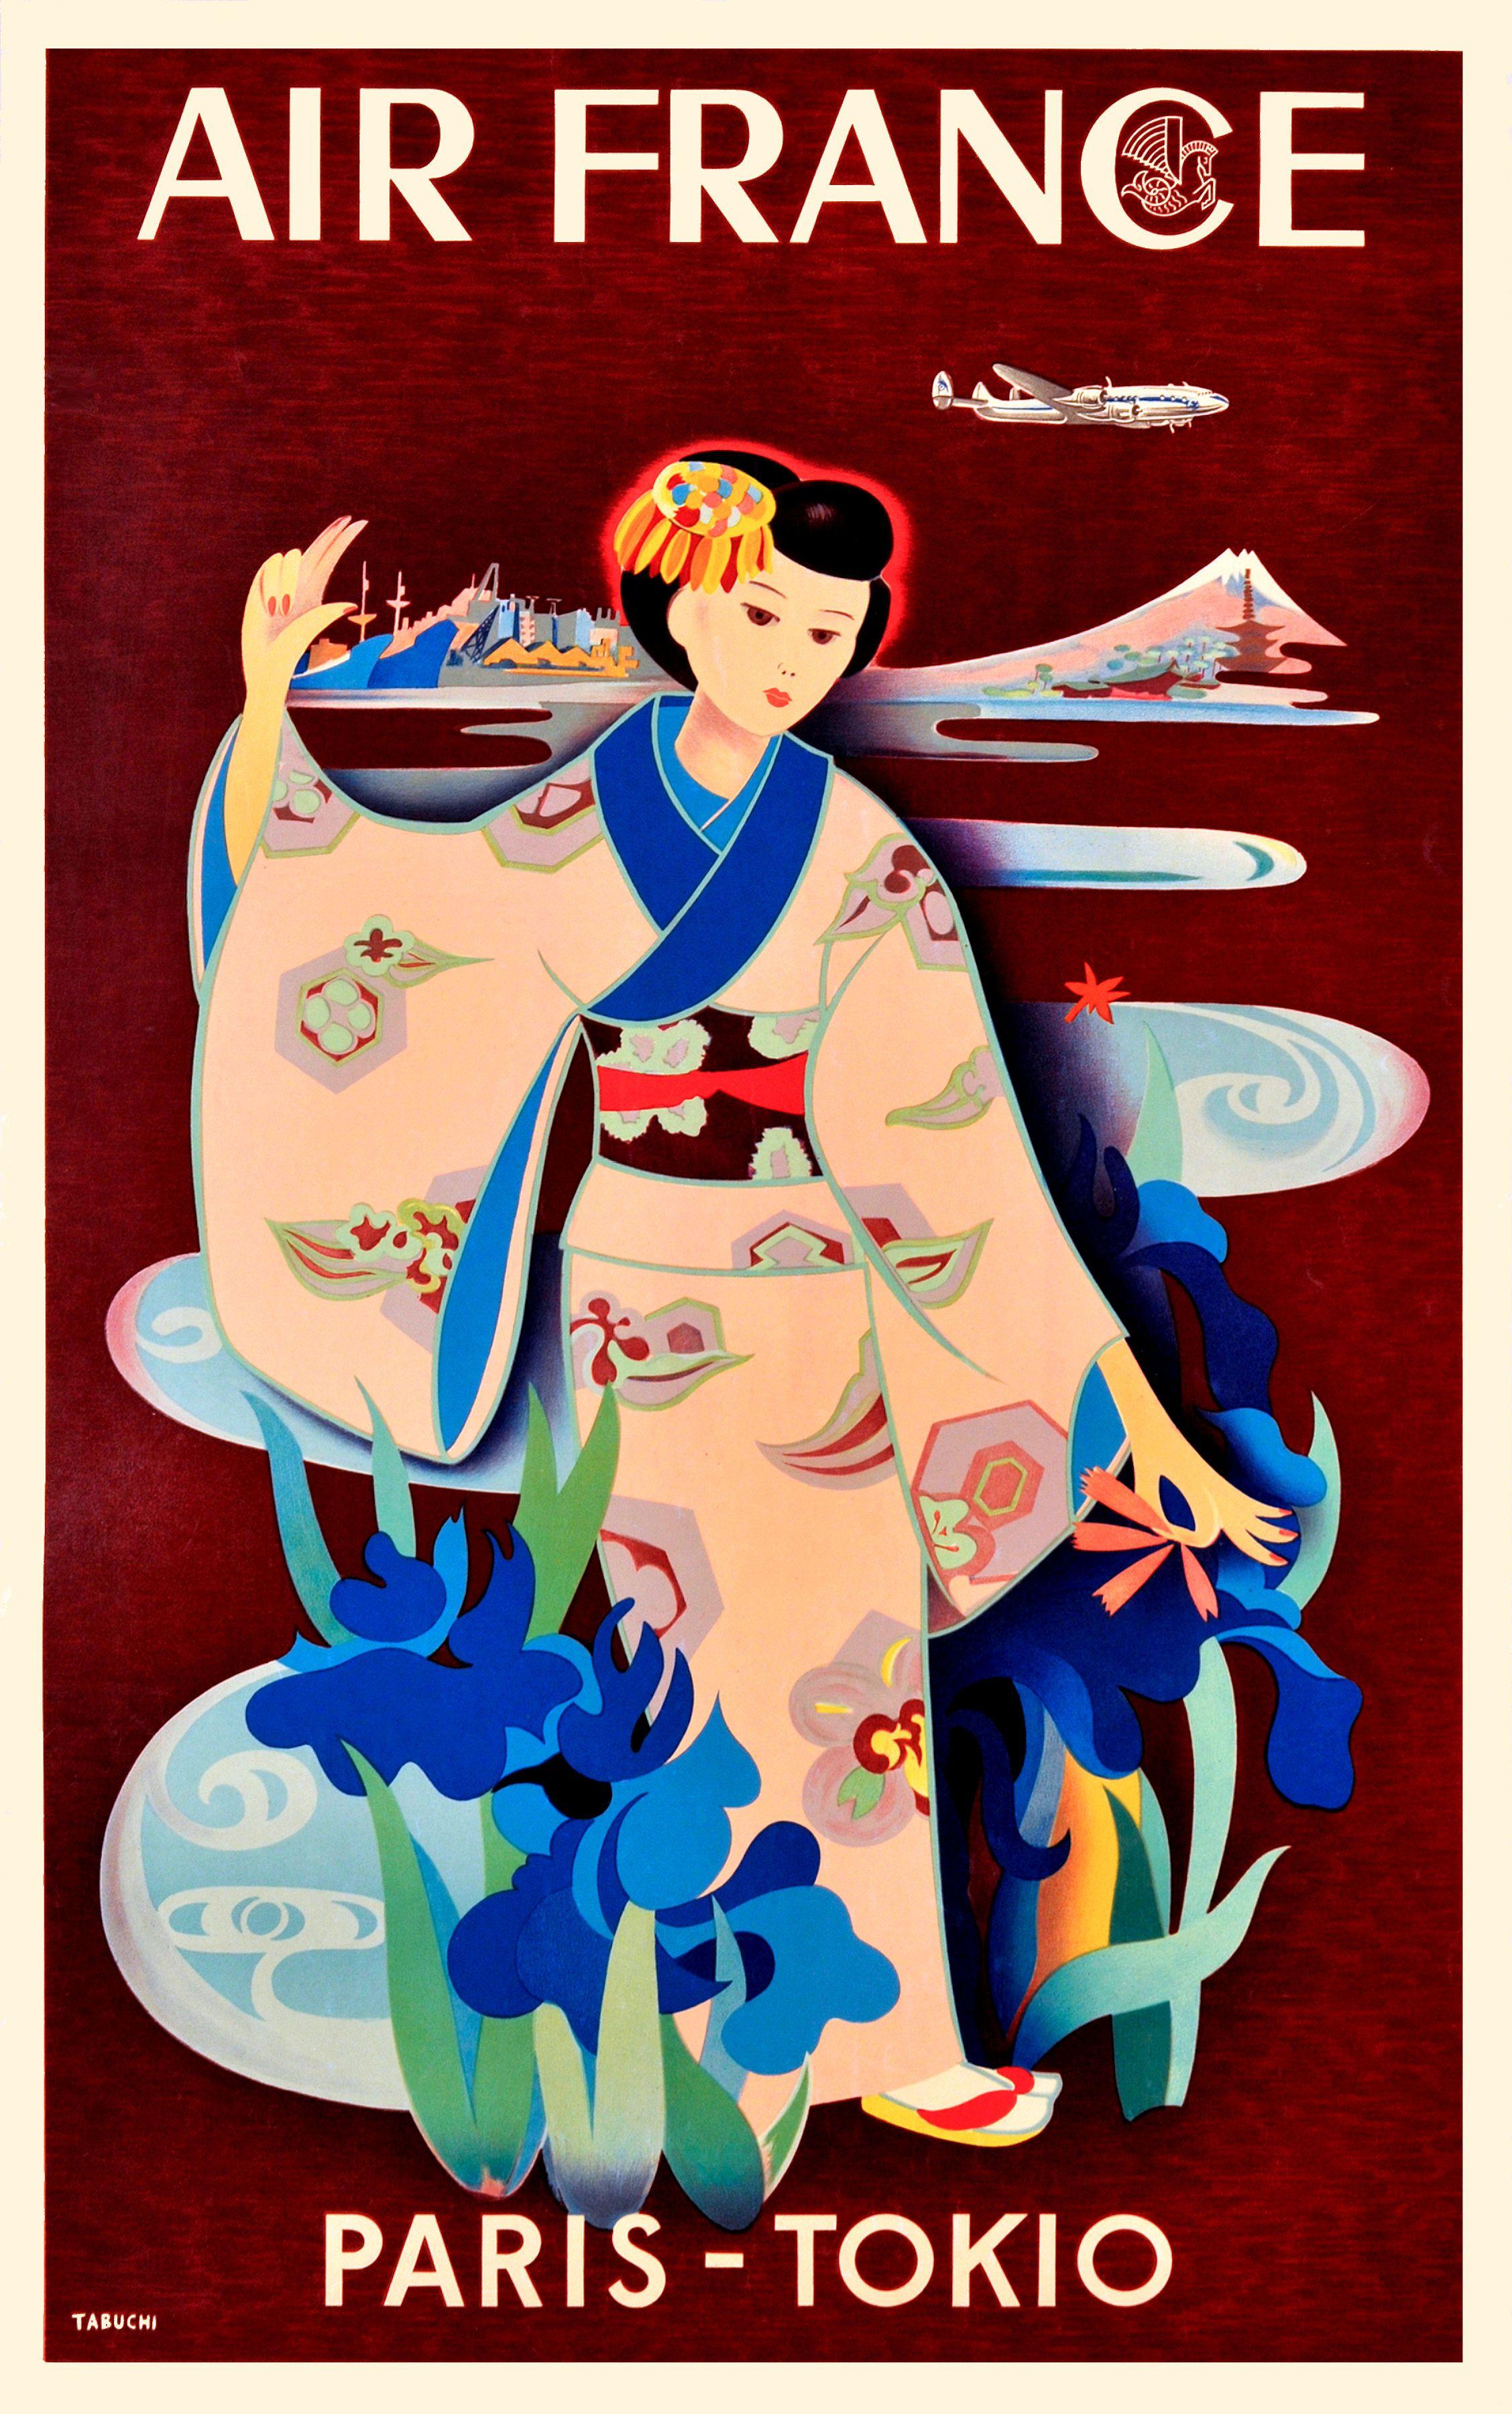 1952 Paris Tokio Air France Advertising Poster by Retro